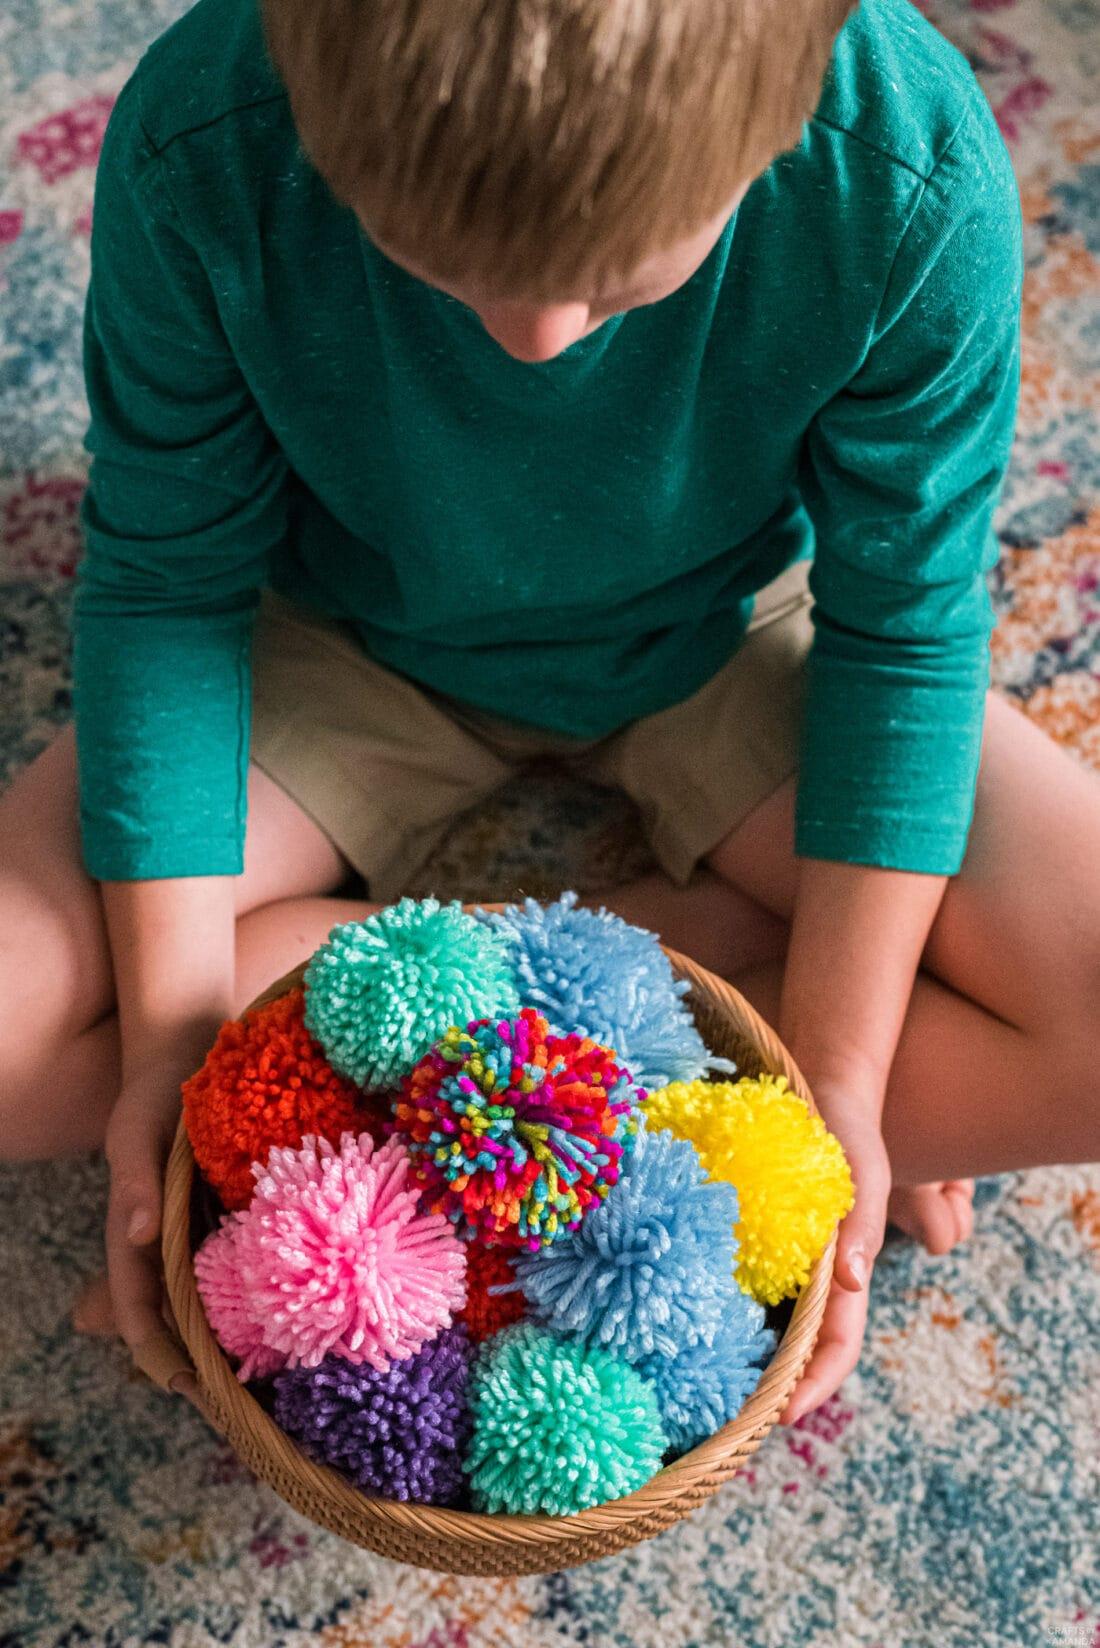 child holding a basket full of DIY yarn pom poms